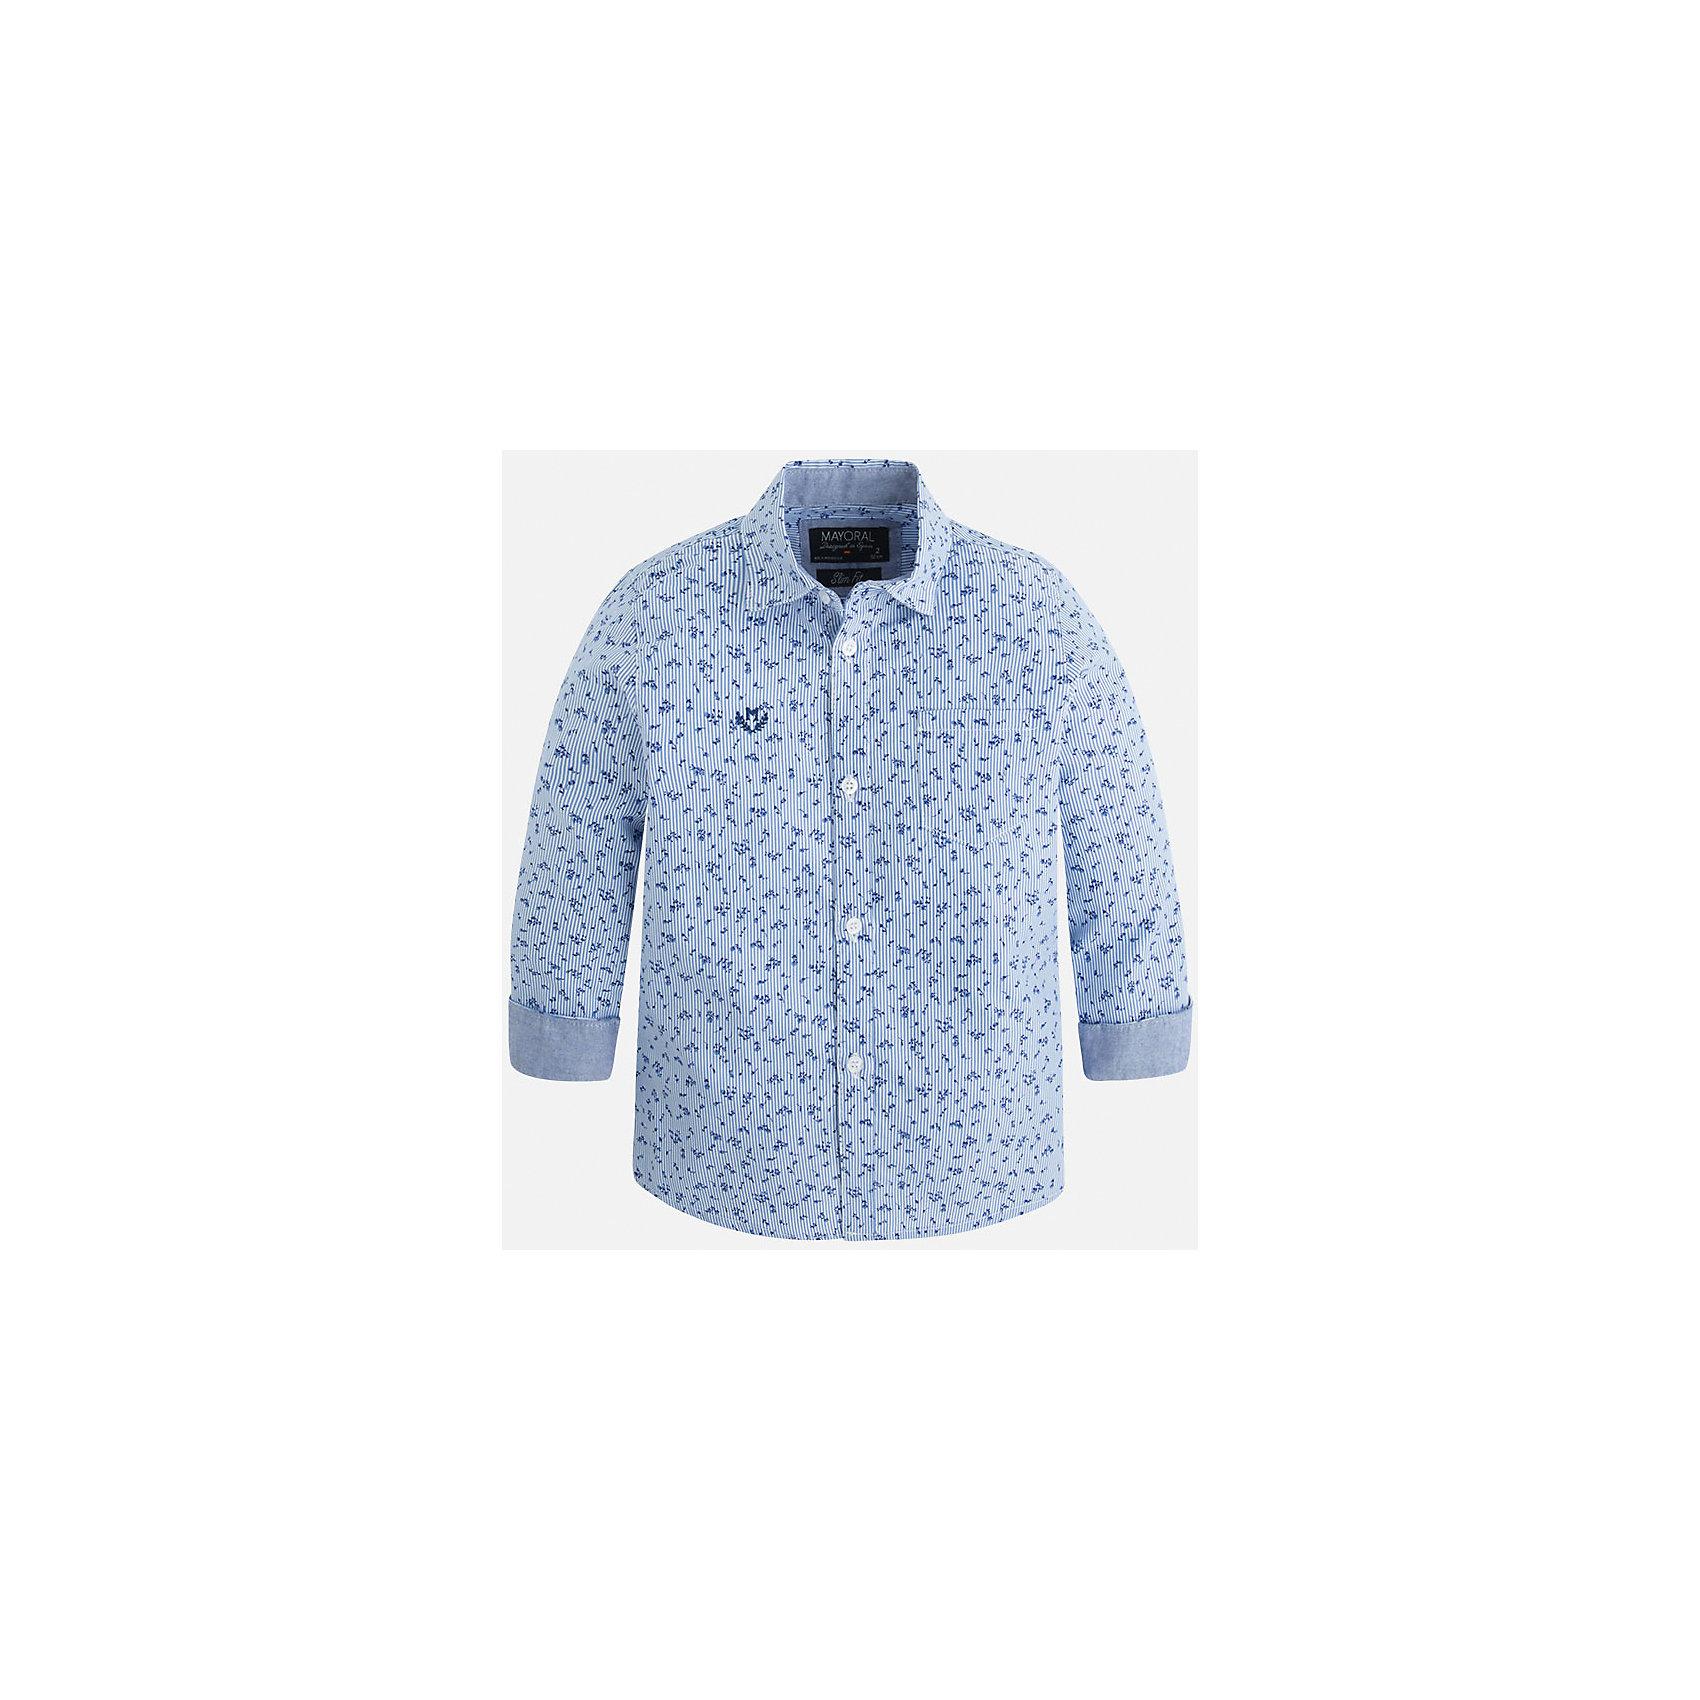 Рубашка для мальчика MayoralРубашка для мальчика Mayoral (Майорал) – это стильная модная и практичная модель.<br>Рубашка с длинными рукавами от известной испанской марки Mayoral (Майорал) выполненная из натурального хлопка, станет прекрасным дополнением гардероба вашего мальчика. Рубашка застегивается на пуговицы, на груди имеется кармашек, декорирована небольшой монограммой. Комфортный крой гарантирует свободу движений.<br><br>Дополнительная информация:<br><br>- Цвет: лаванда<br>- Состав: 100% хлопок<br>- Уход: бережная стирка при 30 градусах<br><br>Рубашку для мальчика Mayoral (Майорал) можно купить в нашем интернет-магазине.<br><br>Ширина мм: 174<br>Глубина мм: 10<br>Высота мм: 169<br>Вес г: 157<br>Цвет: фиолетовый<br>Возраст от месяцев: 96<br>Возраст до месяцев: 108<br>Пол: Мужской<br>Возраст: Детский<br>Размер: 116,122,134,98,128,104,110<br>SKU: 4821150